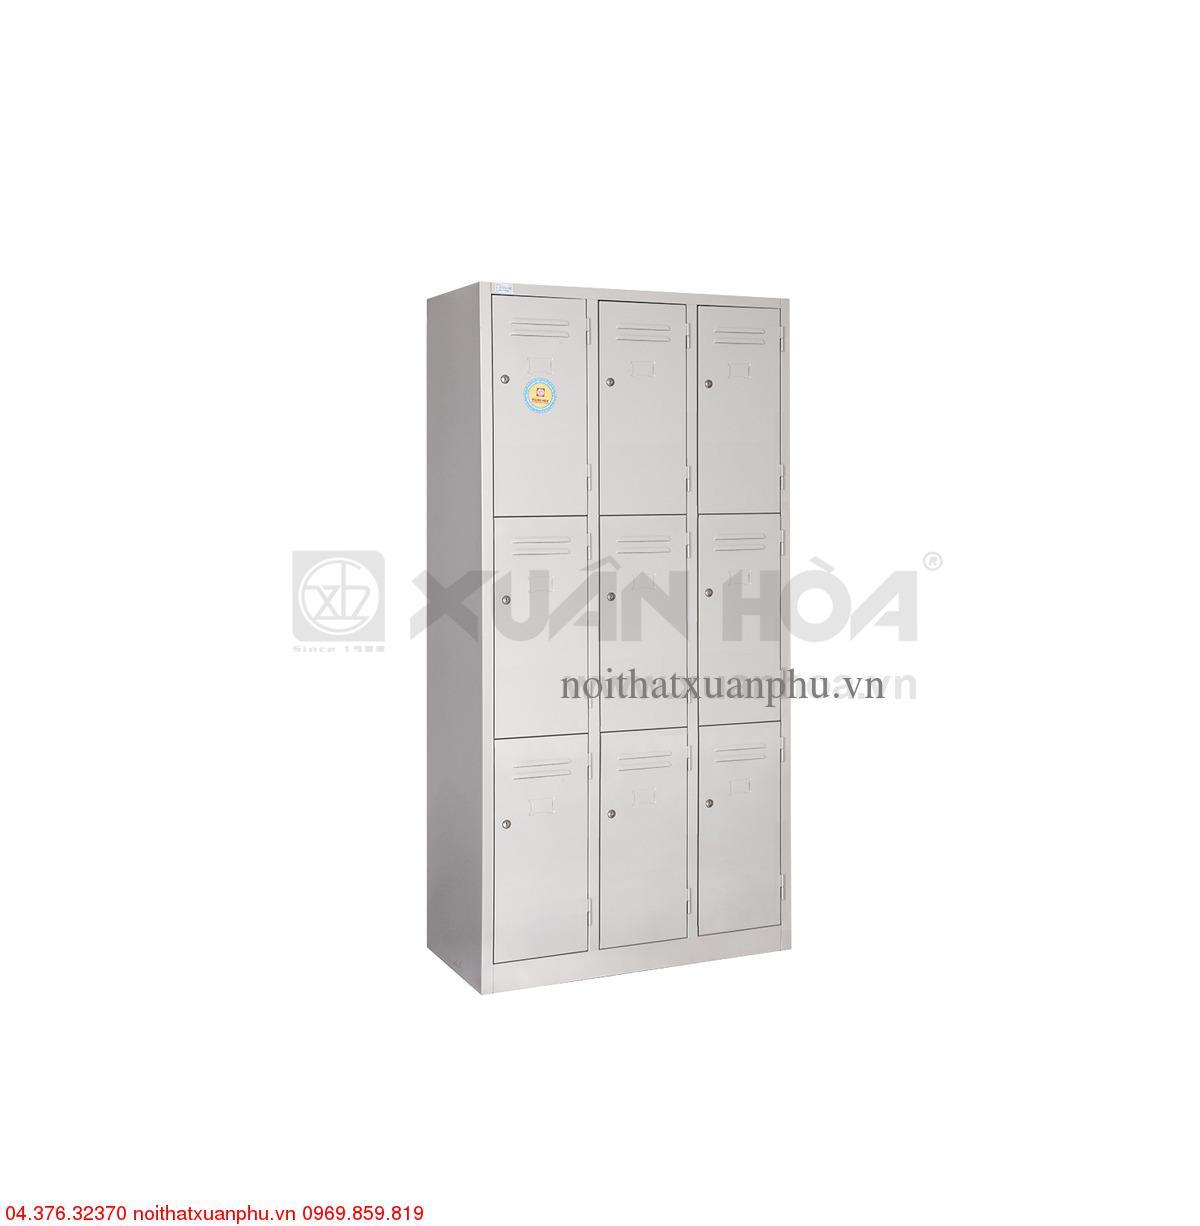 Hình ảnh sản phẩm Tủ loocker LK-9N-03